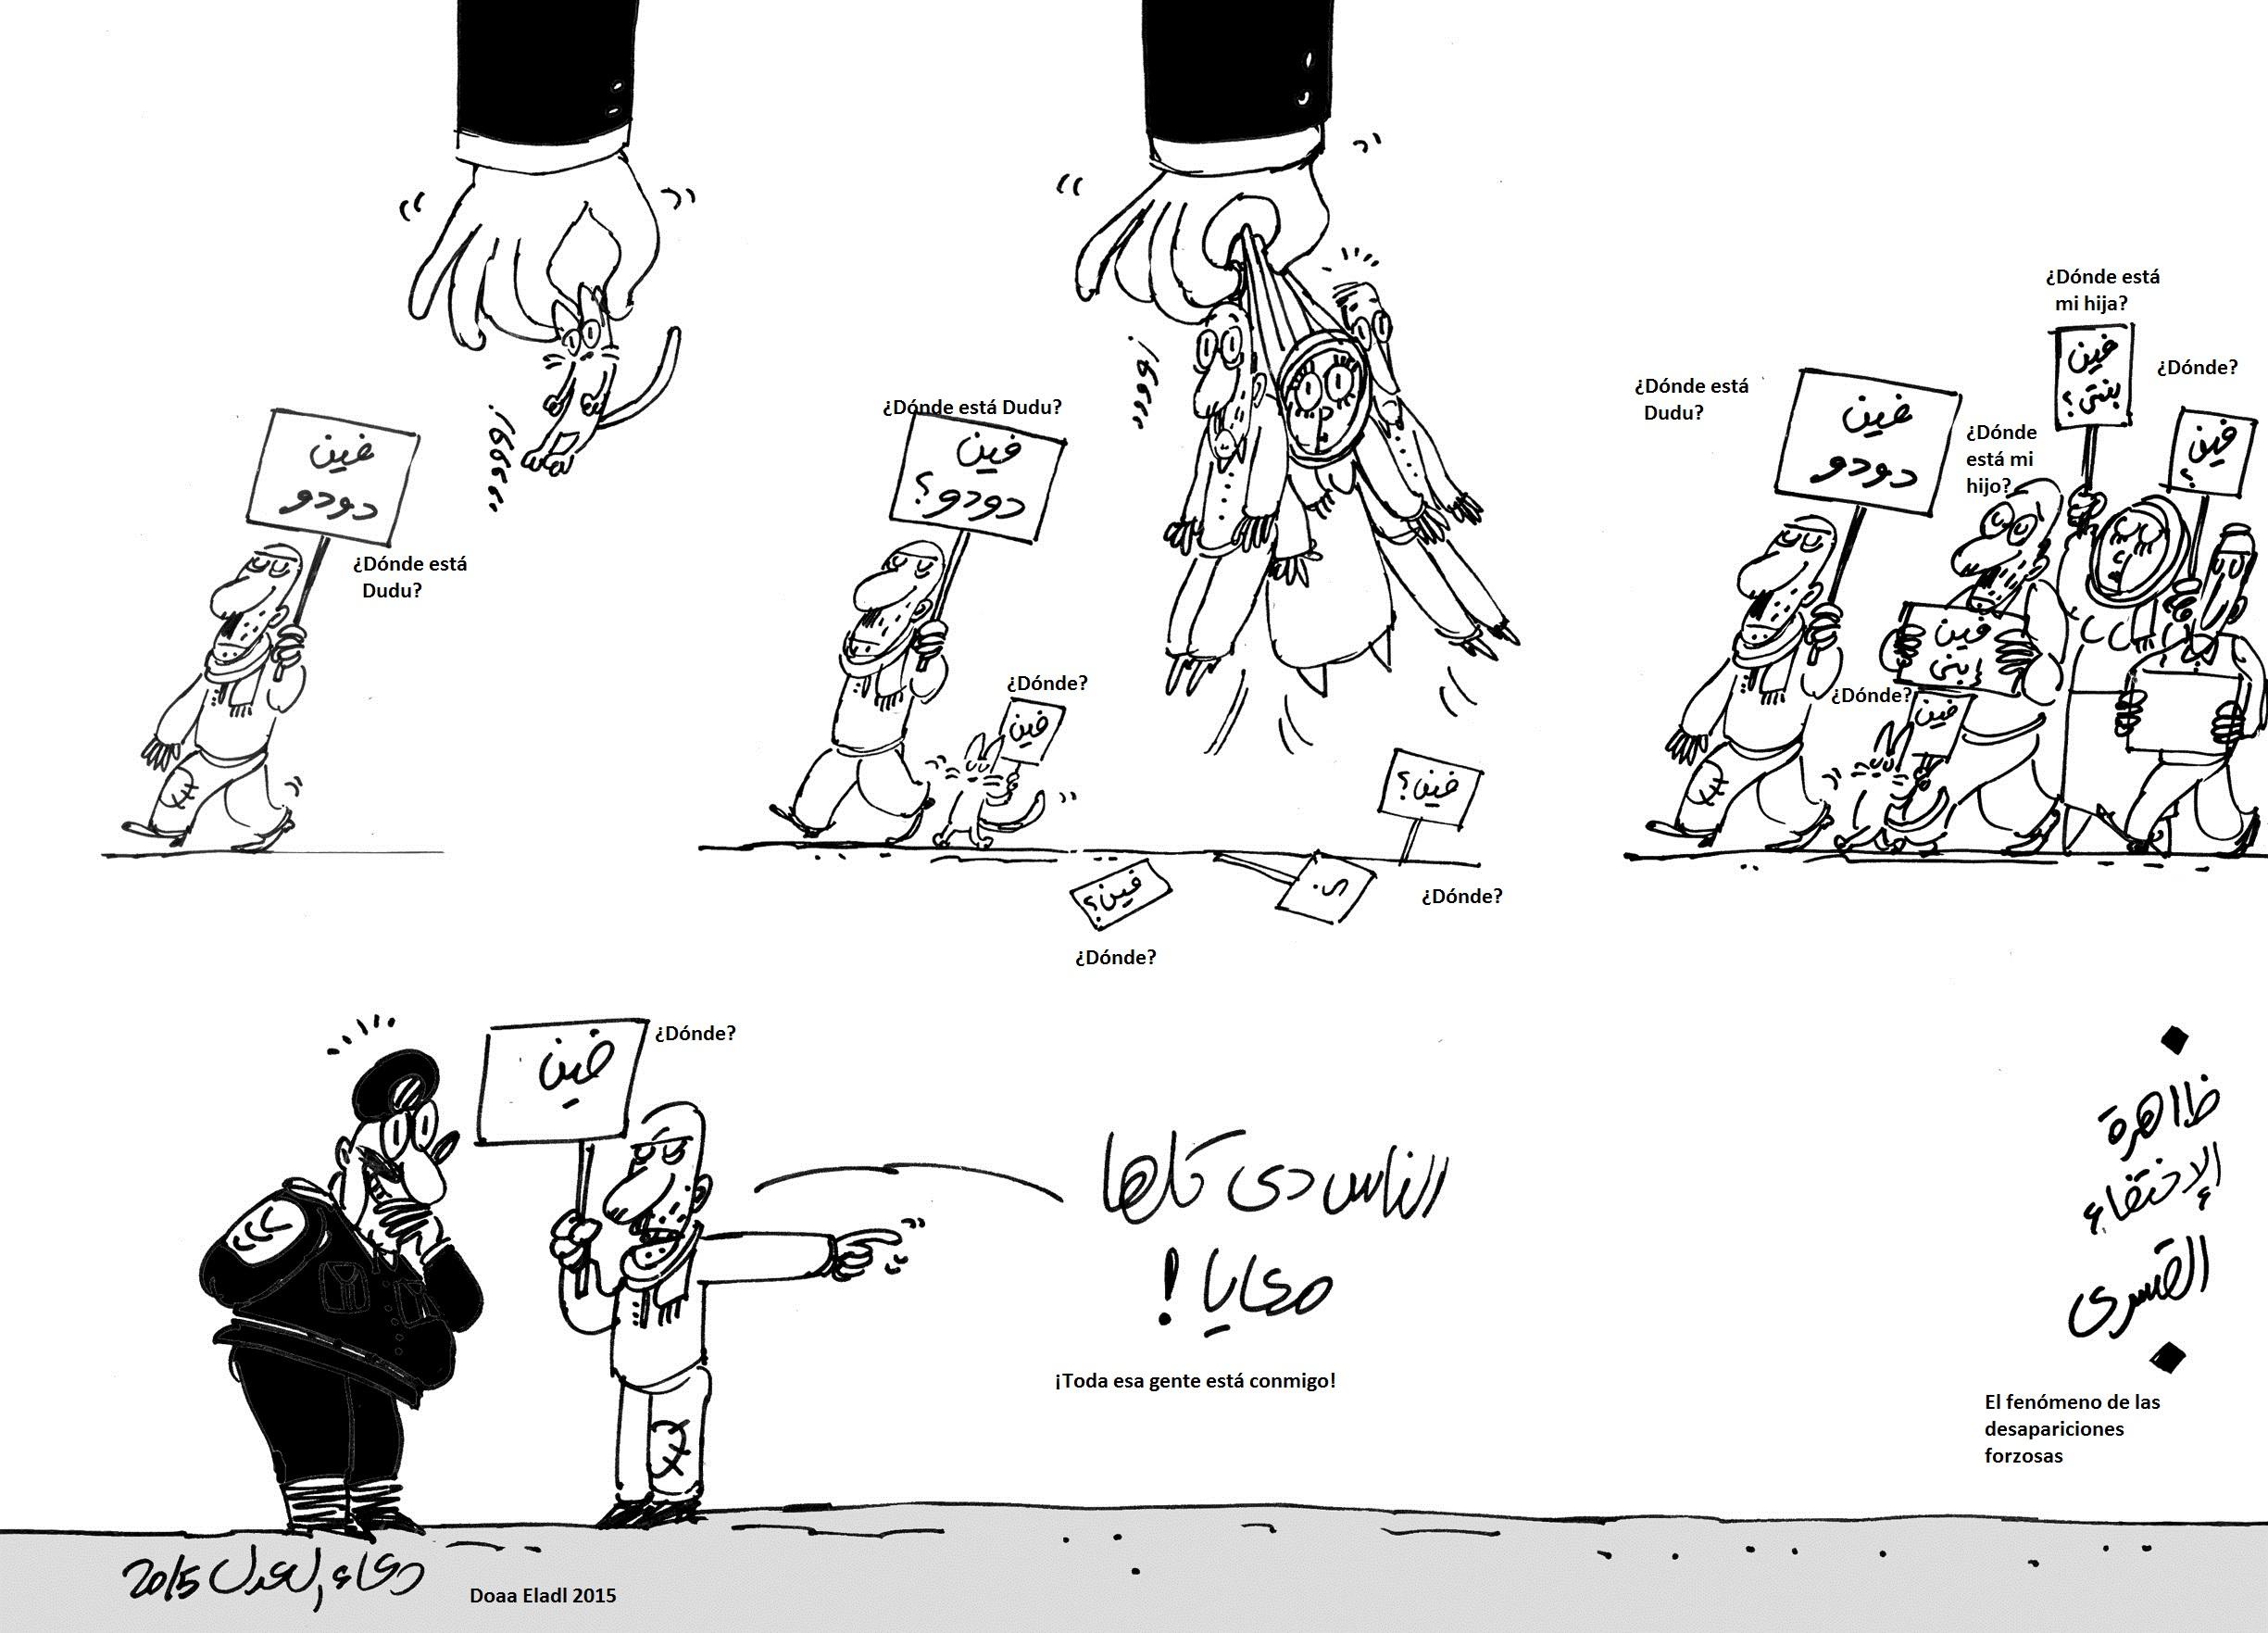 9610_caricature